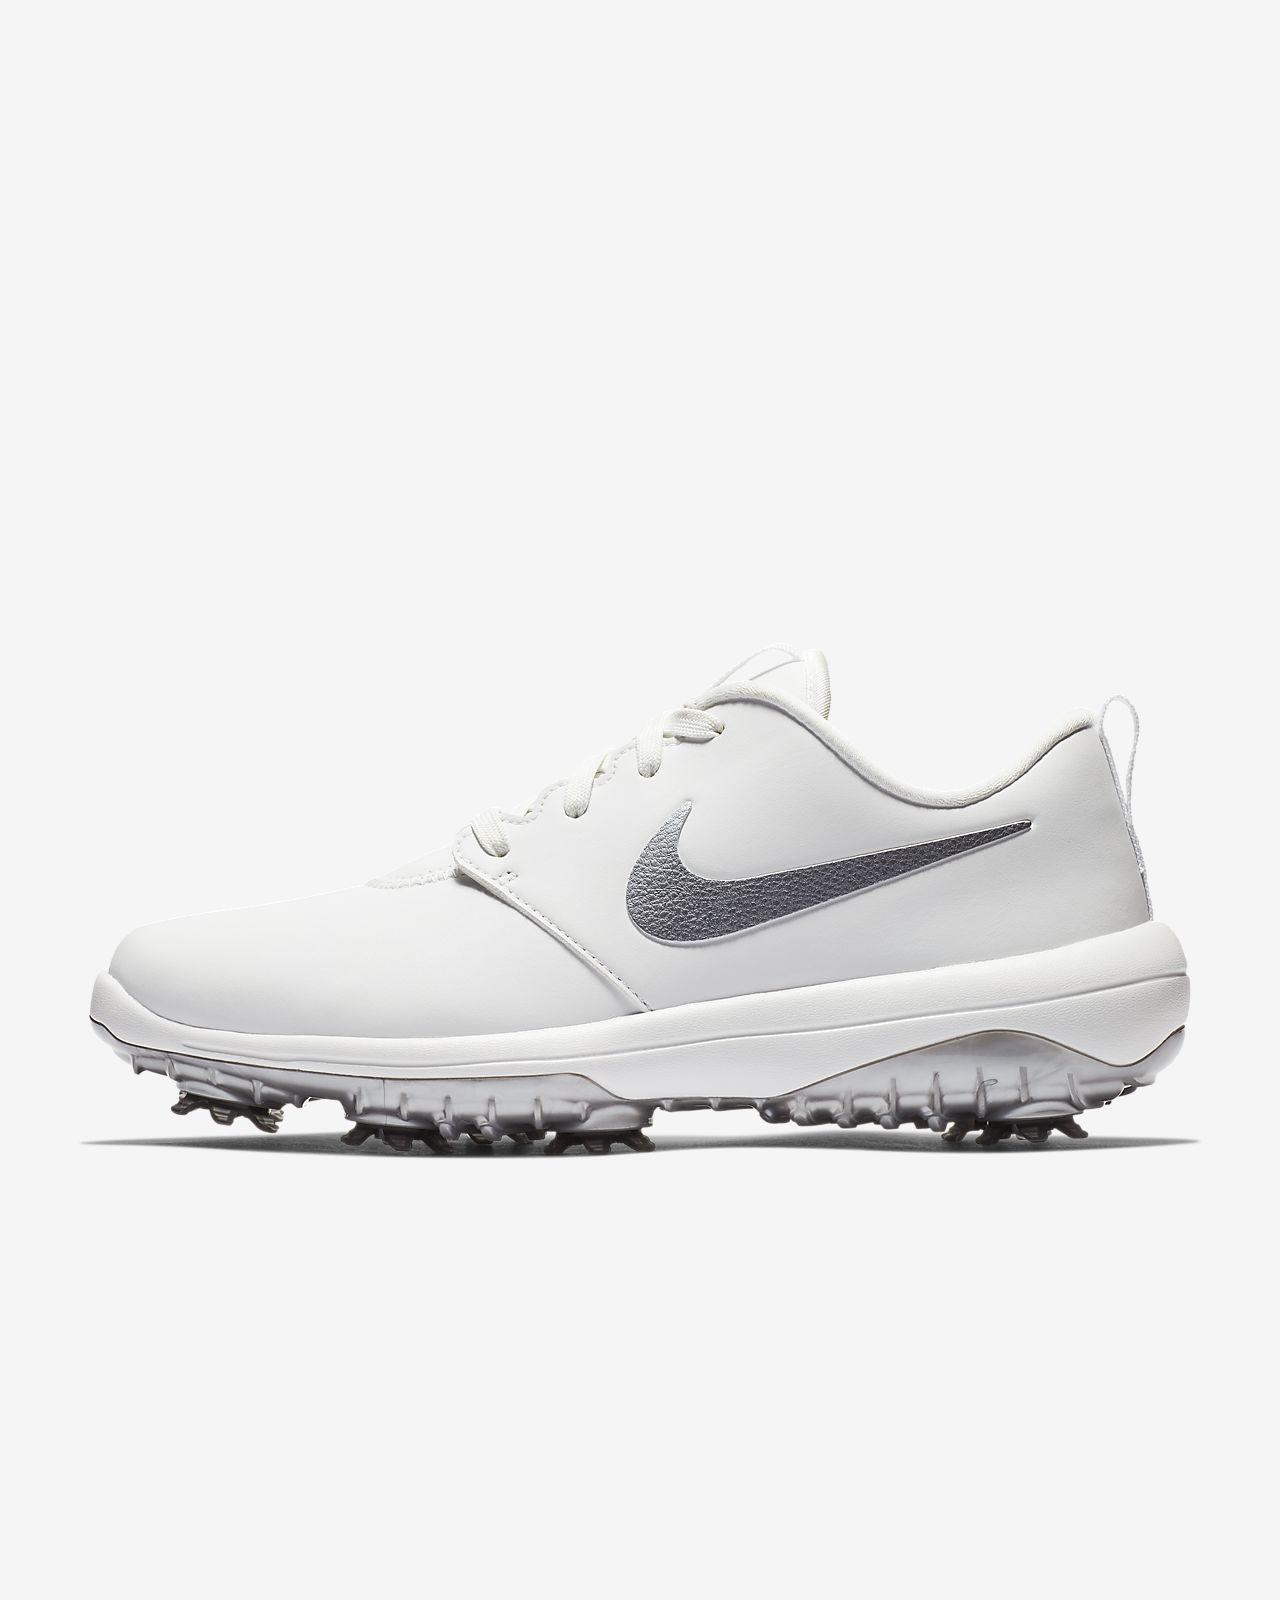 Nike Roshe G Tour Women's Golf Shoe